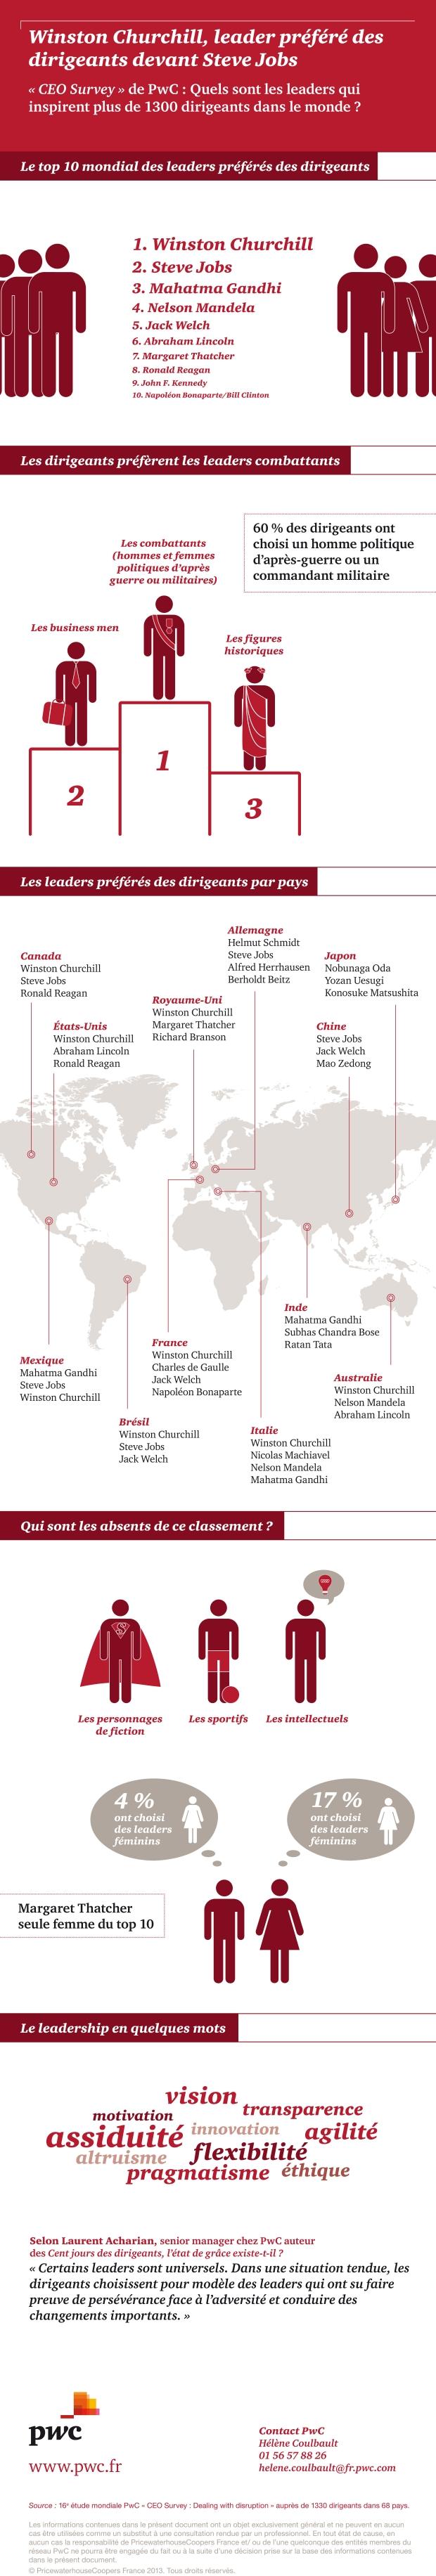 Infographie : les leaders préférés des chefs d'entreprise.